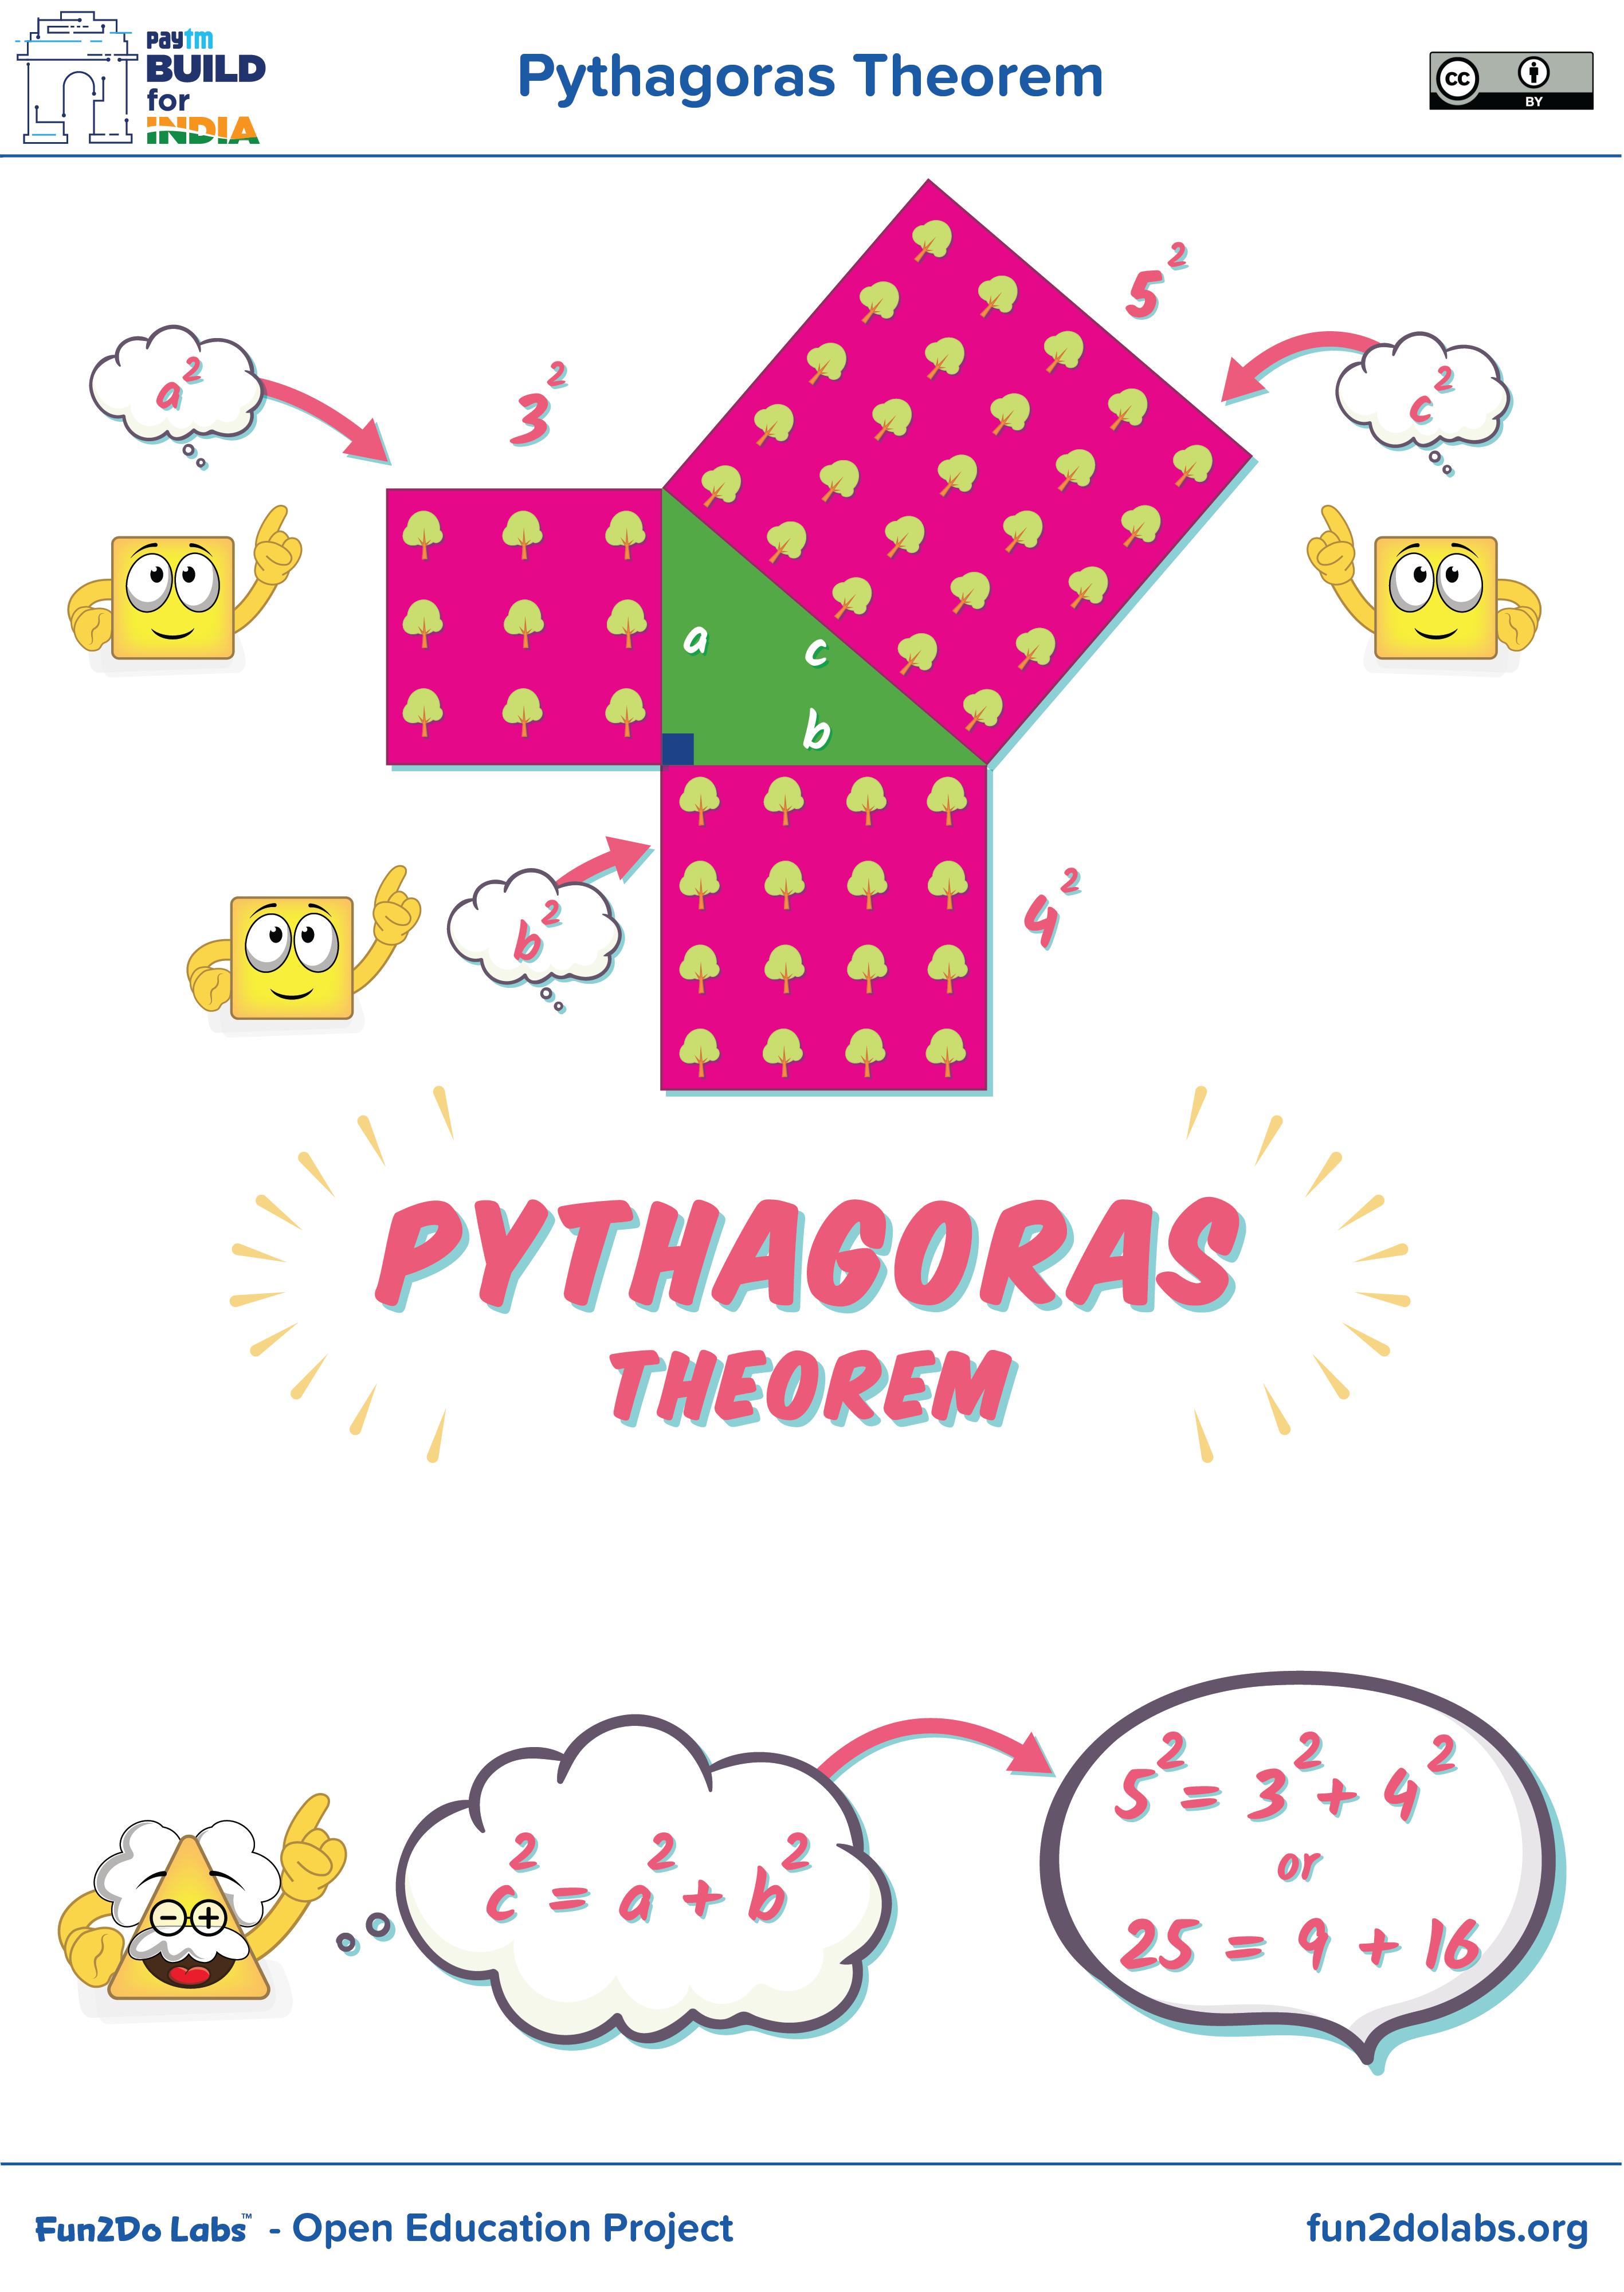 Pythagoras Theorem, Pythagoras Geometry, Pythagoras in